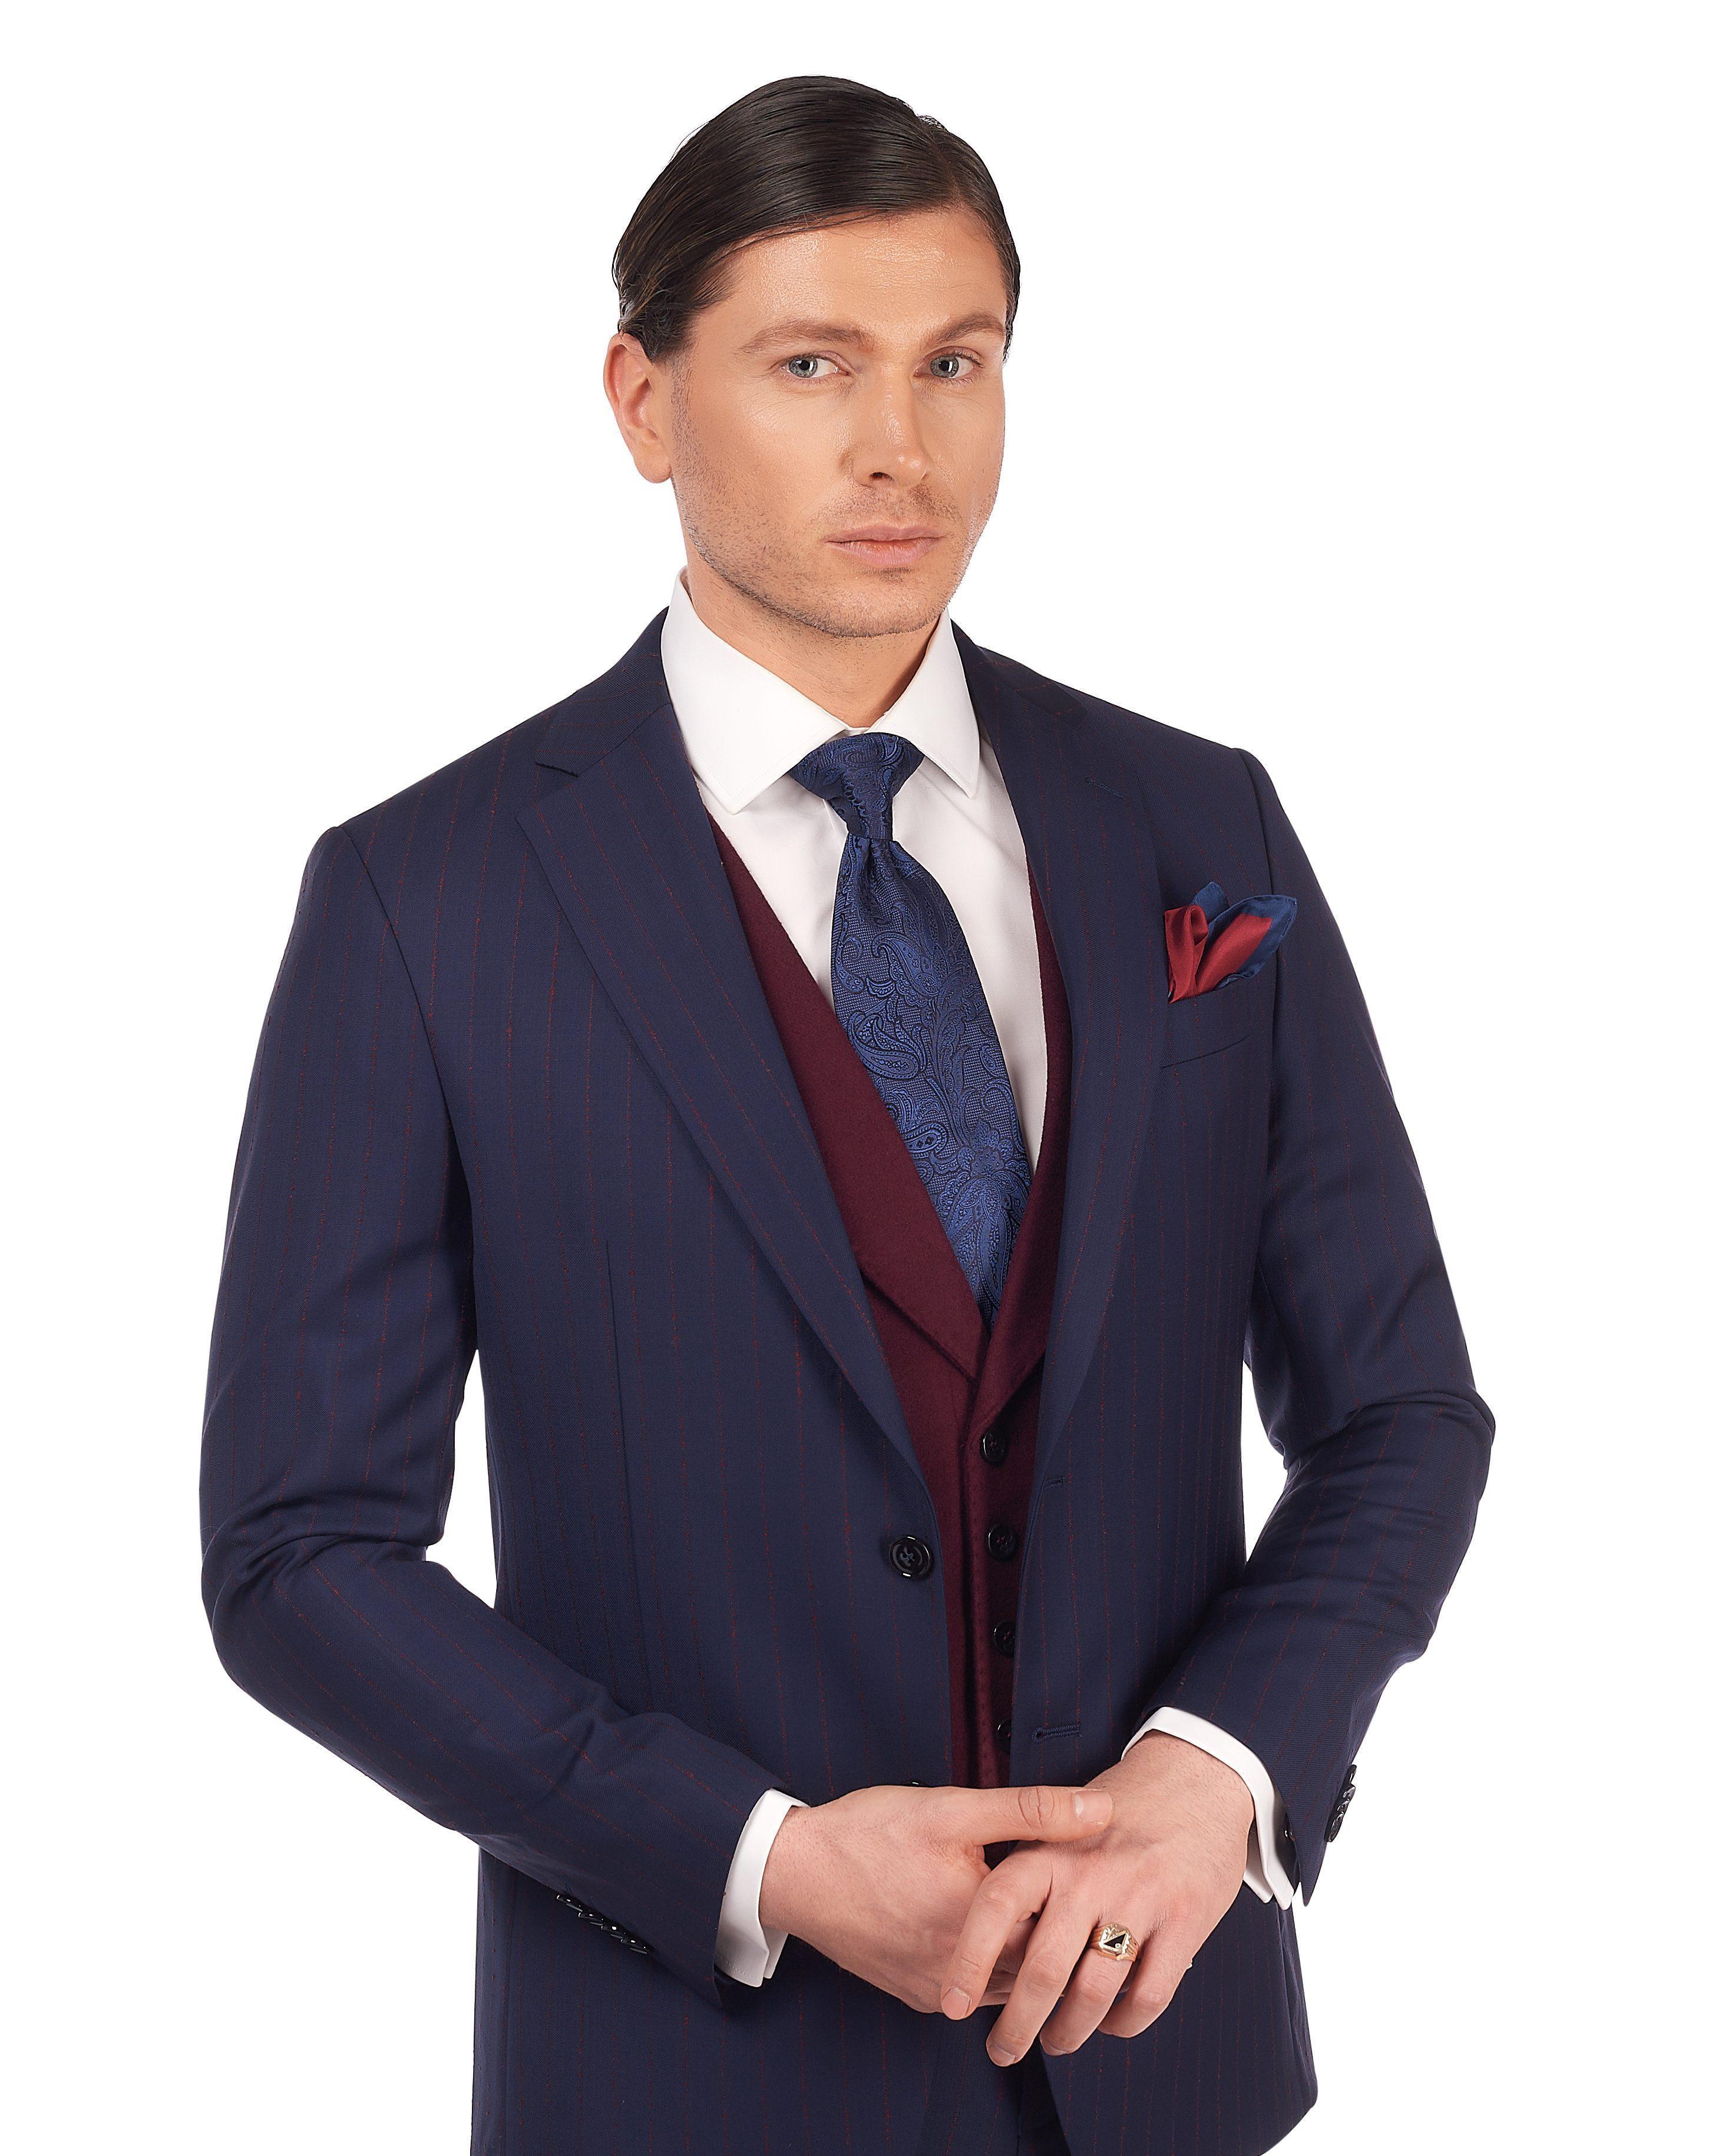 Costum-Bleumarin-Barbati-Cu-Vesta-Bordo-Magazin-Costume-Barbati-Cluj-Napoca-Gentlemens-Boutique-Gold-Soporului-8-